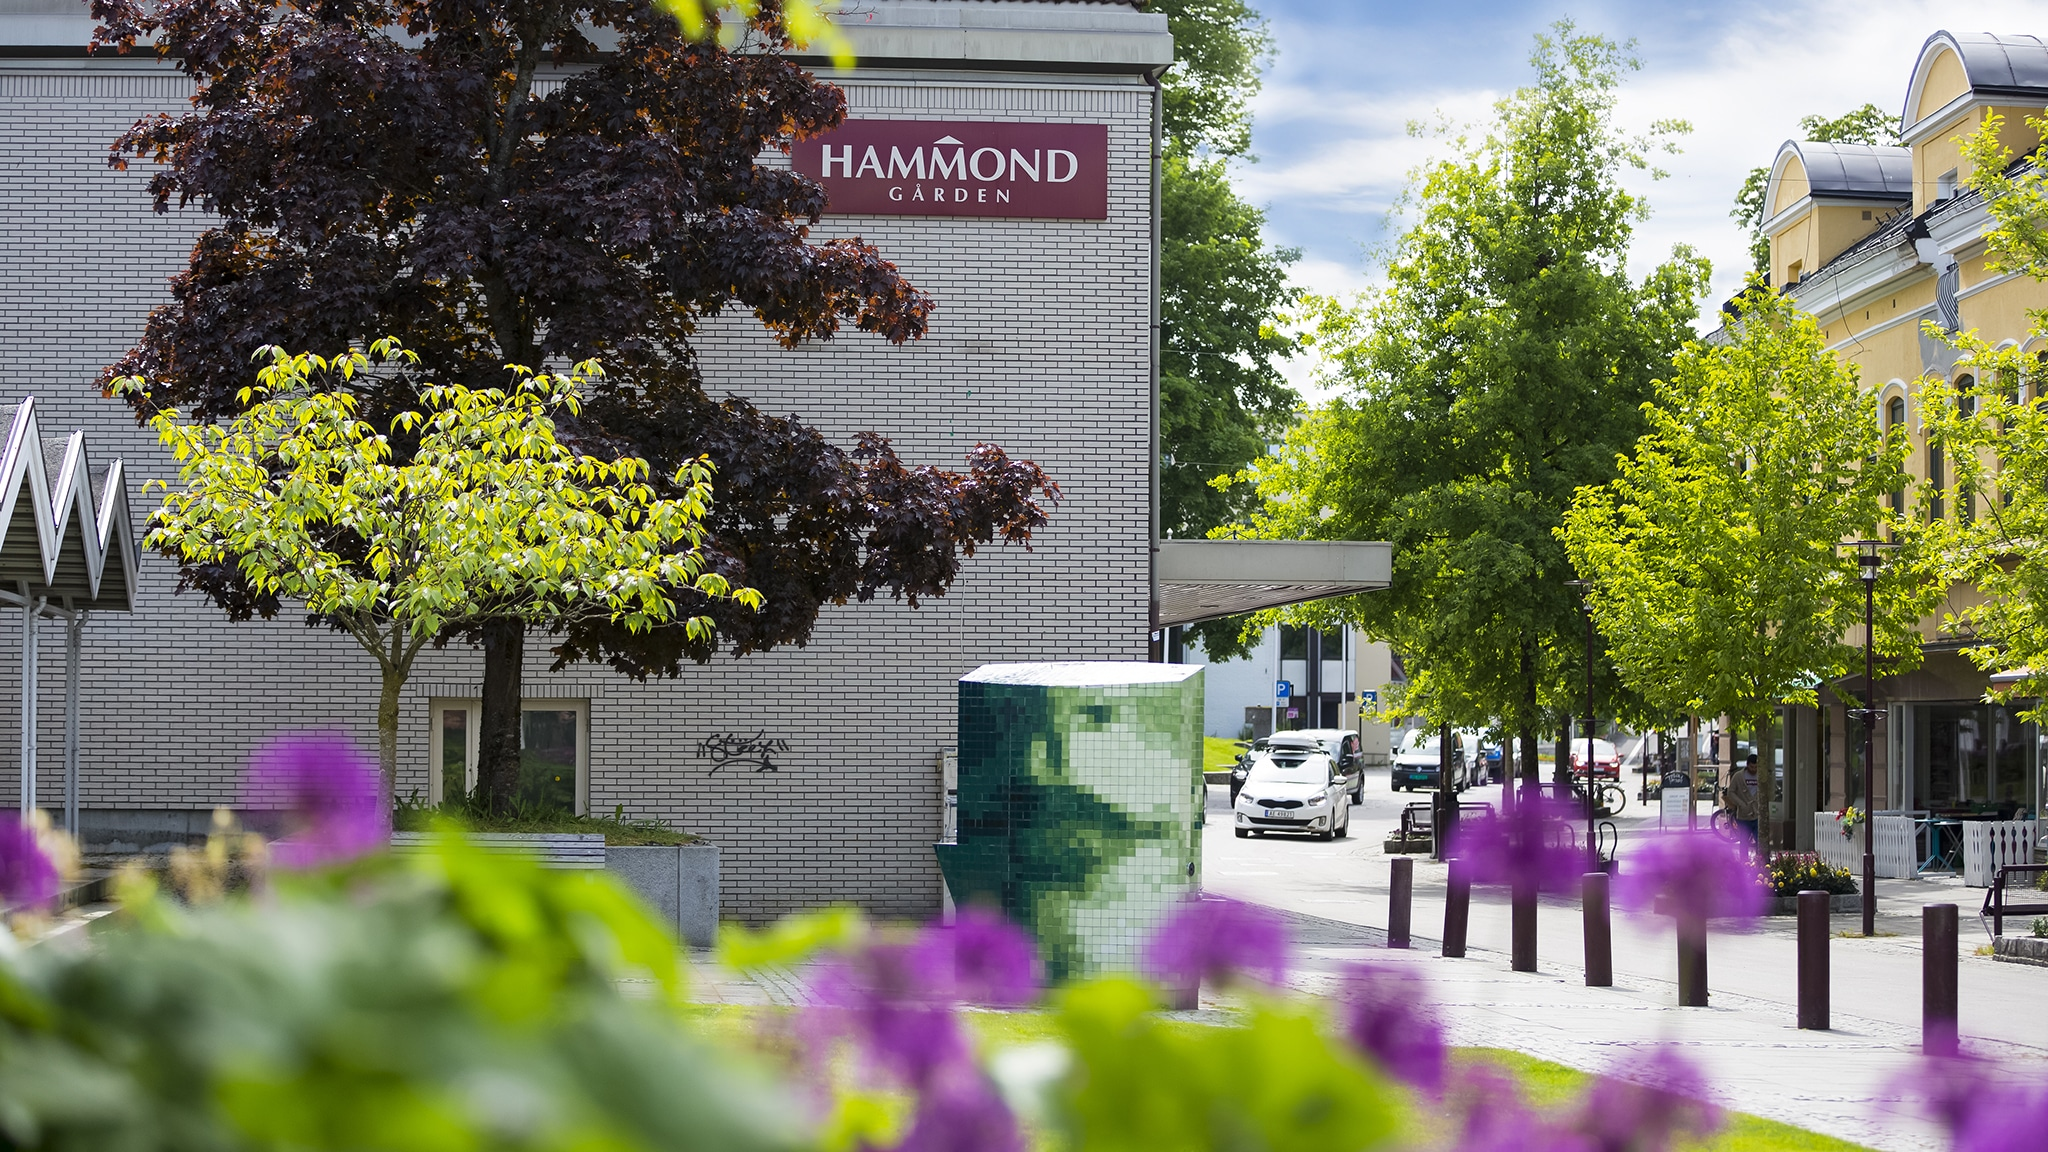 Butikklokale hammondgården storgata 125 Porsgrunn 3